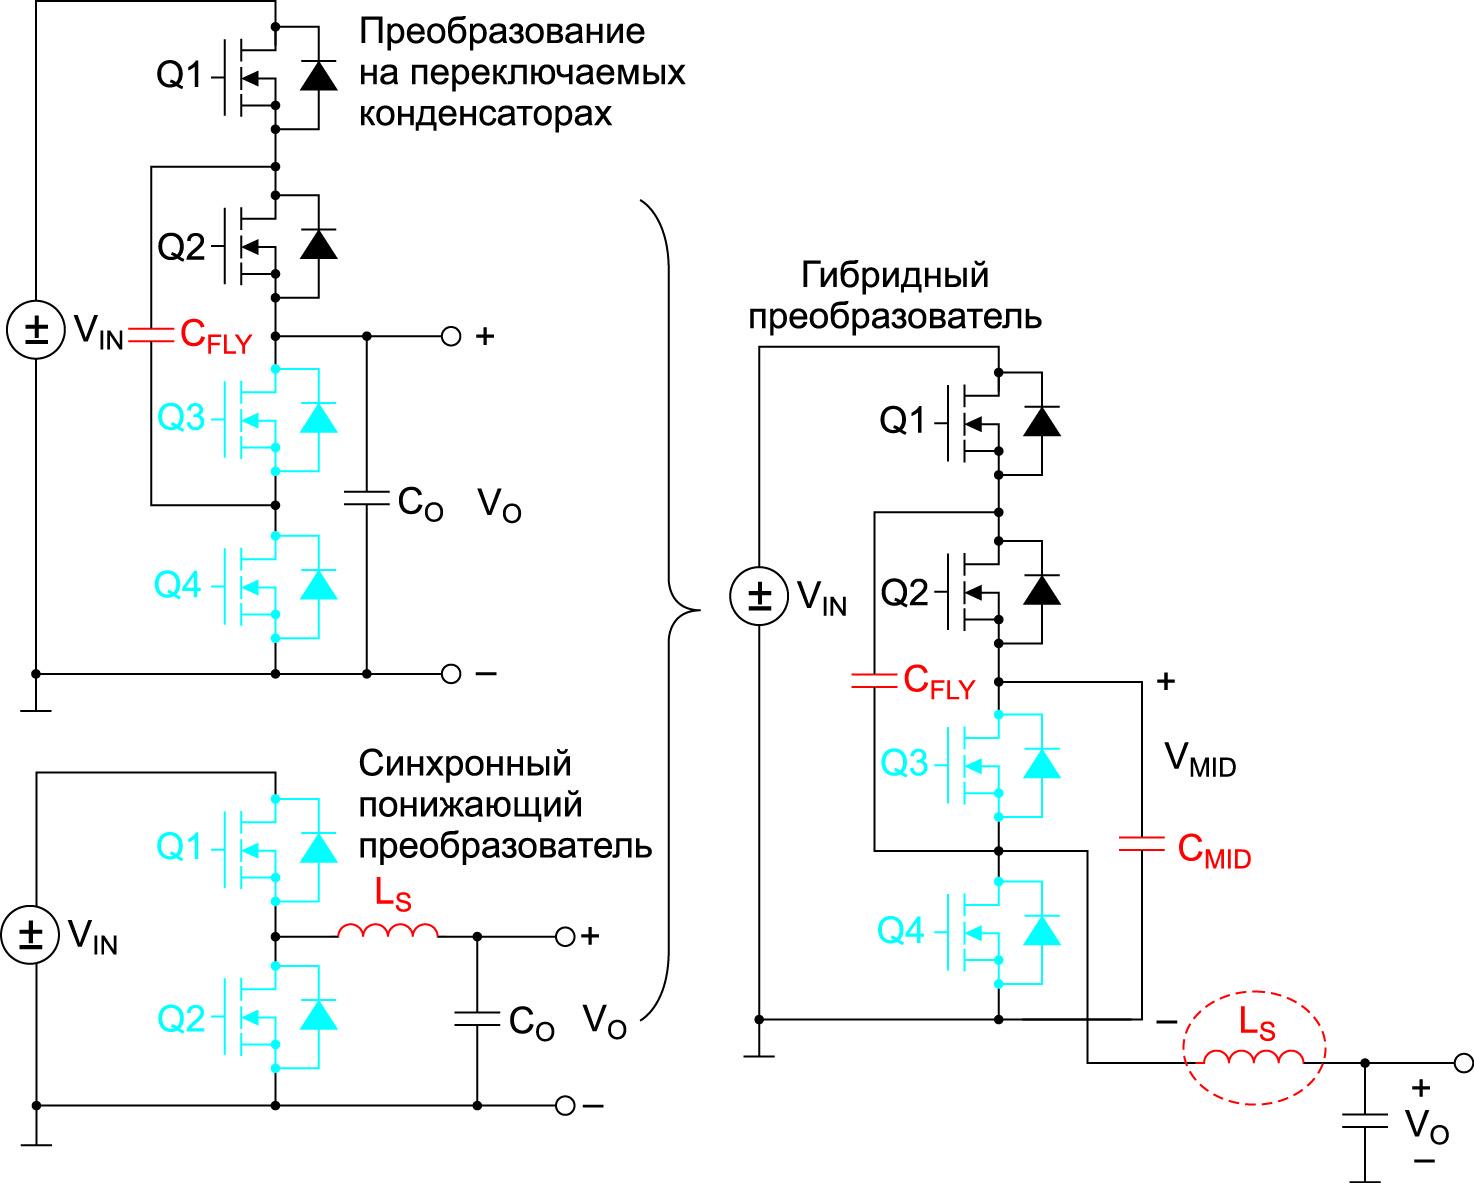 Комбинация схемы на переключаемых конденсаторах и синхронного понижающего преобразования в рамках одной топологии гибридного контроллера LTC7821